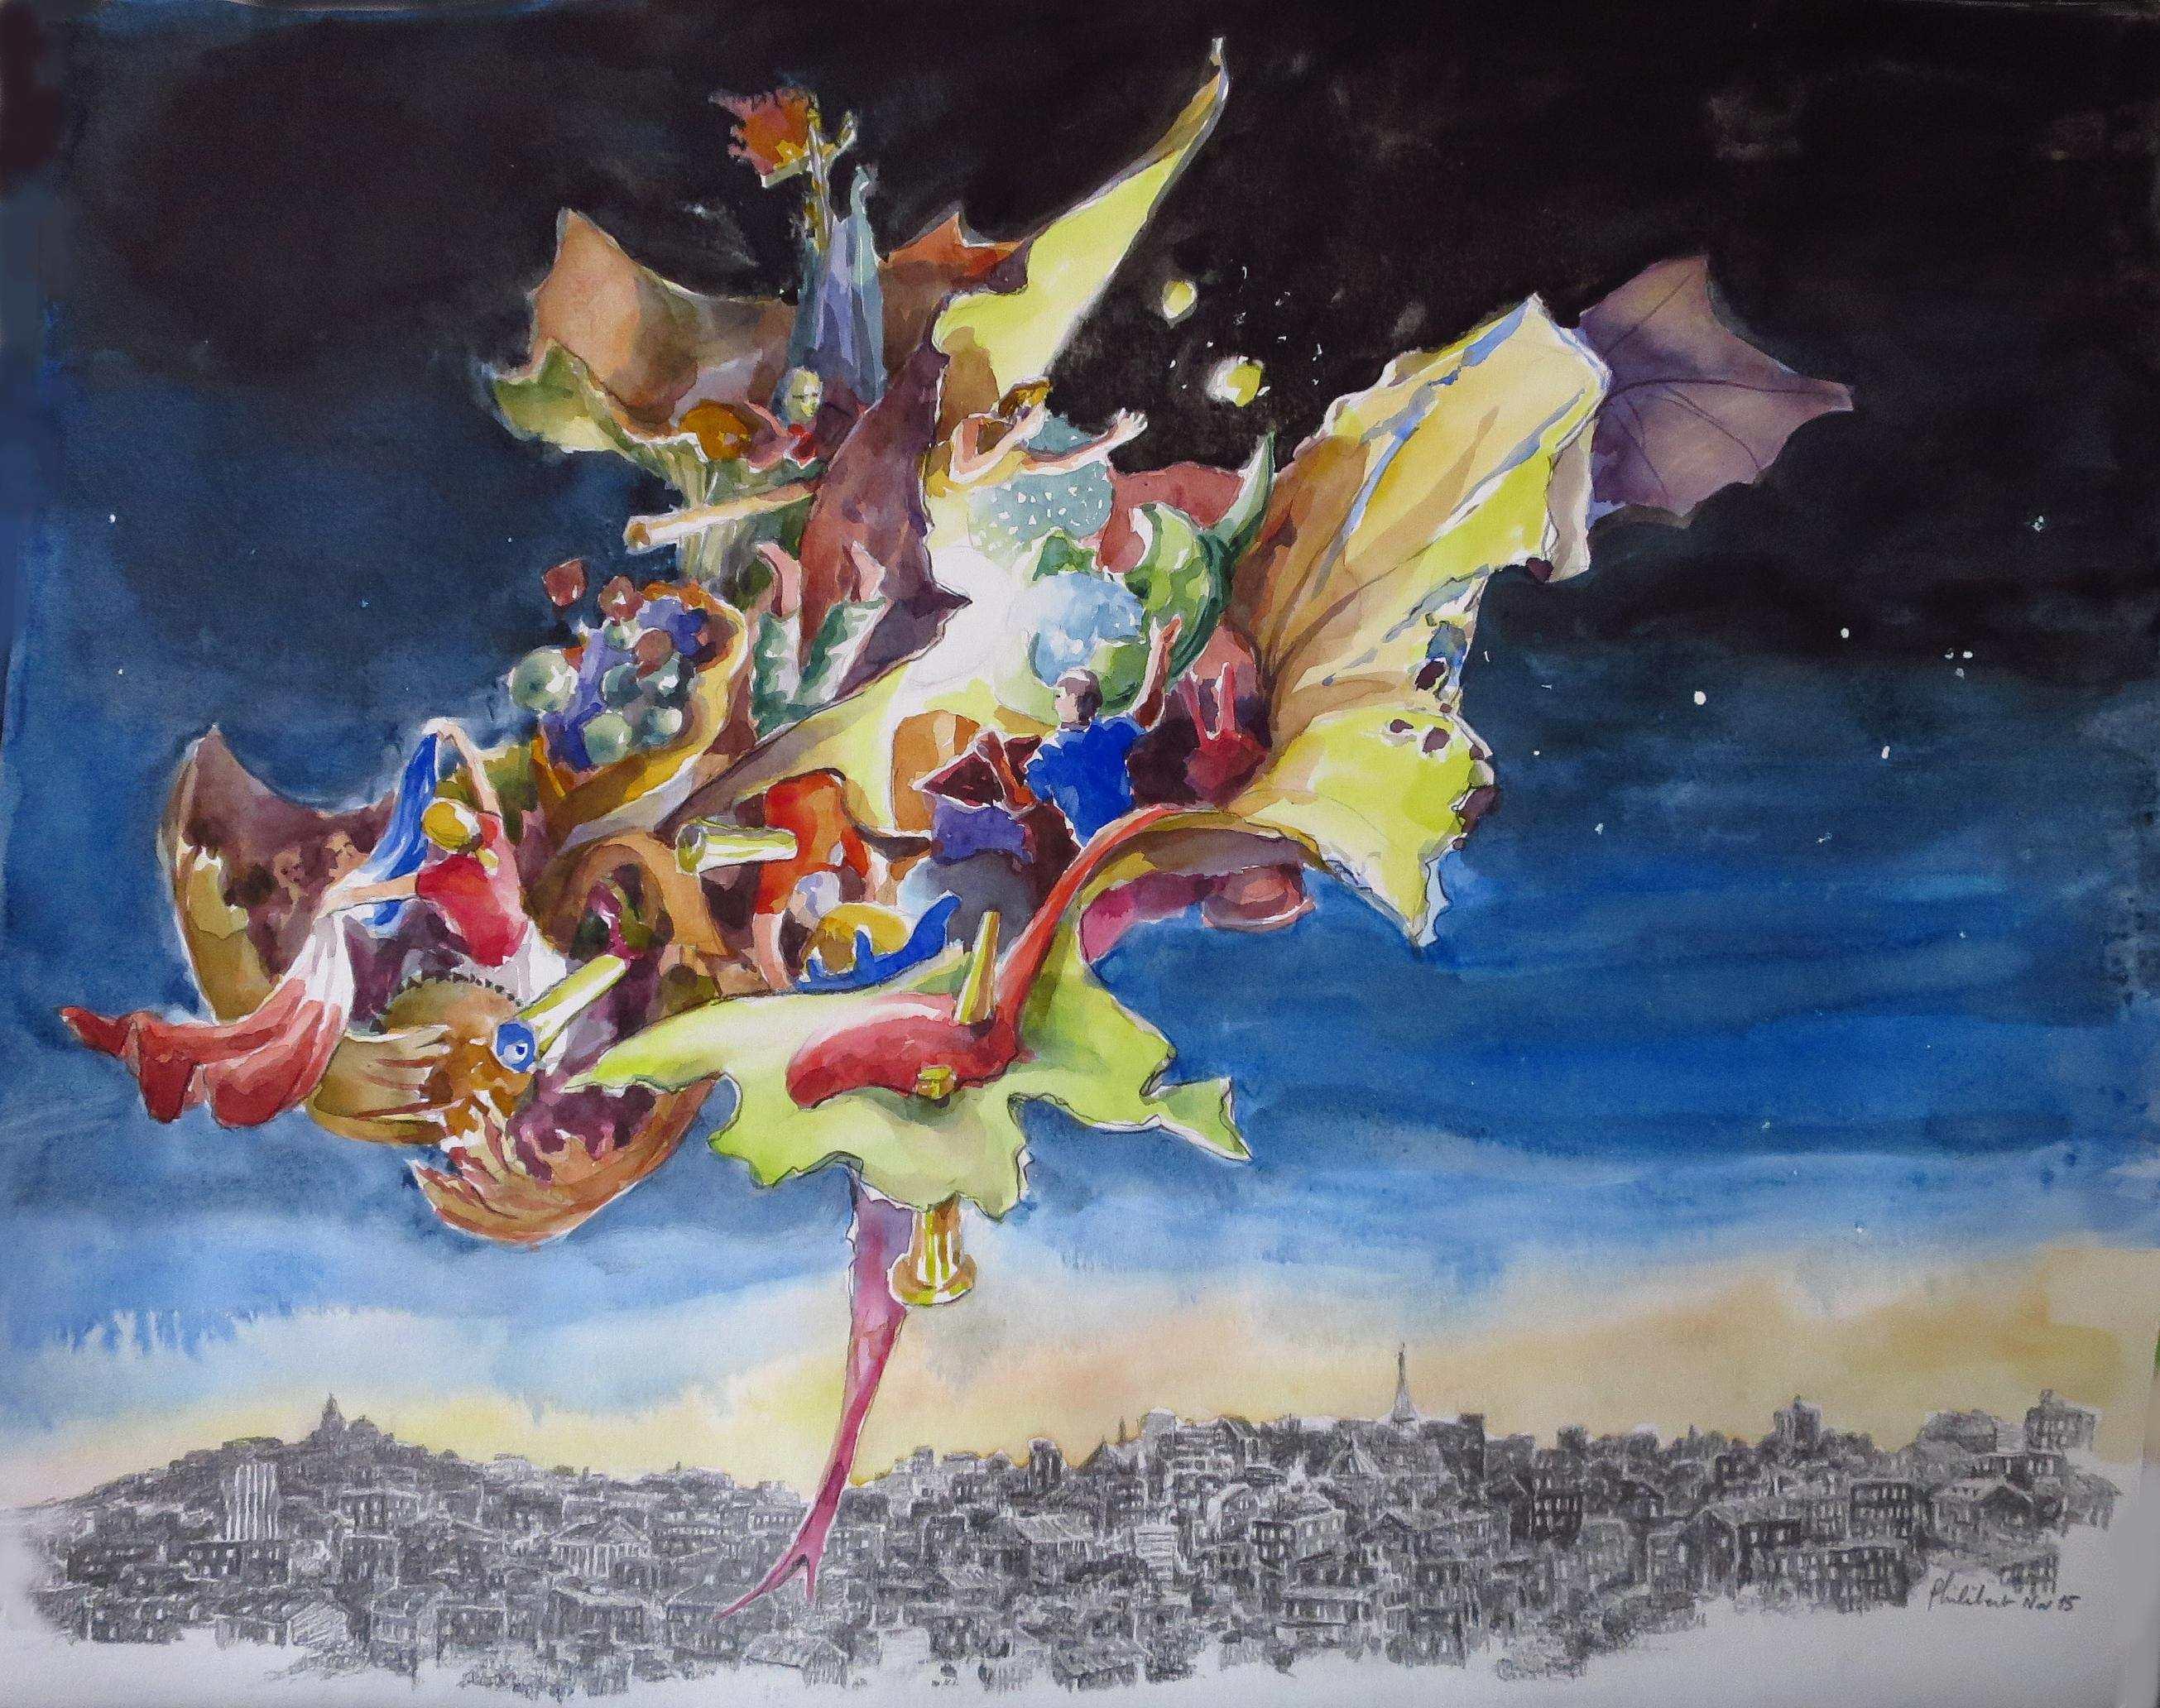 Paris brûle-t-il? Après le 13 novembre 2015, aquarelle et crayons, 40x50cm